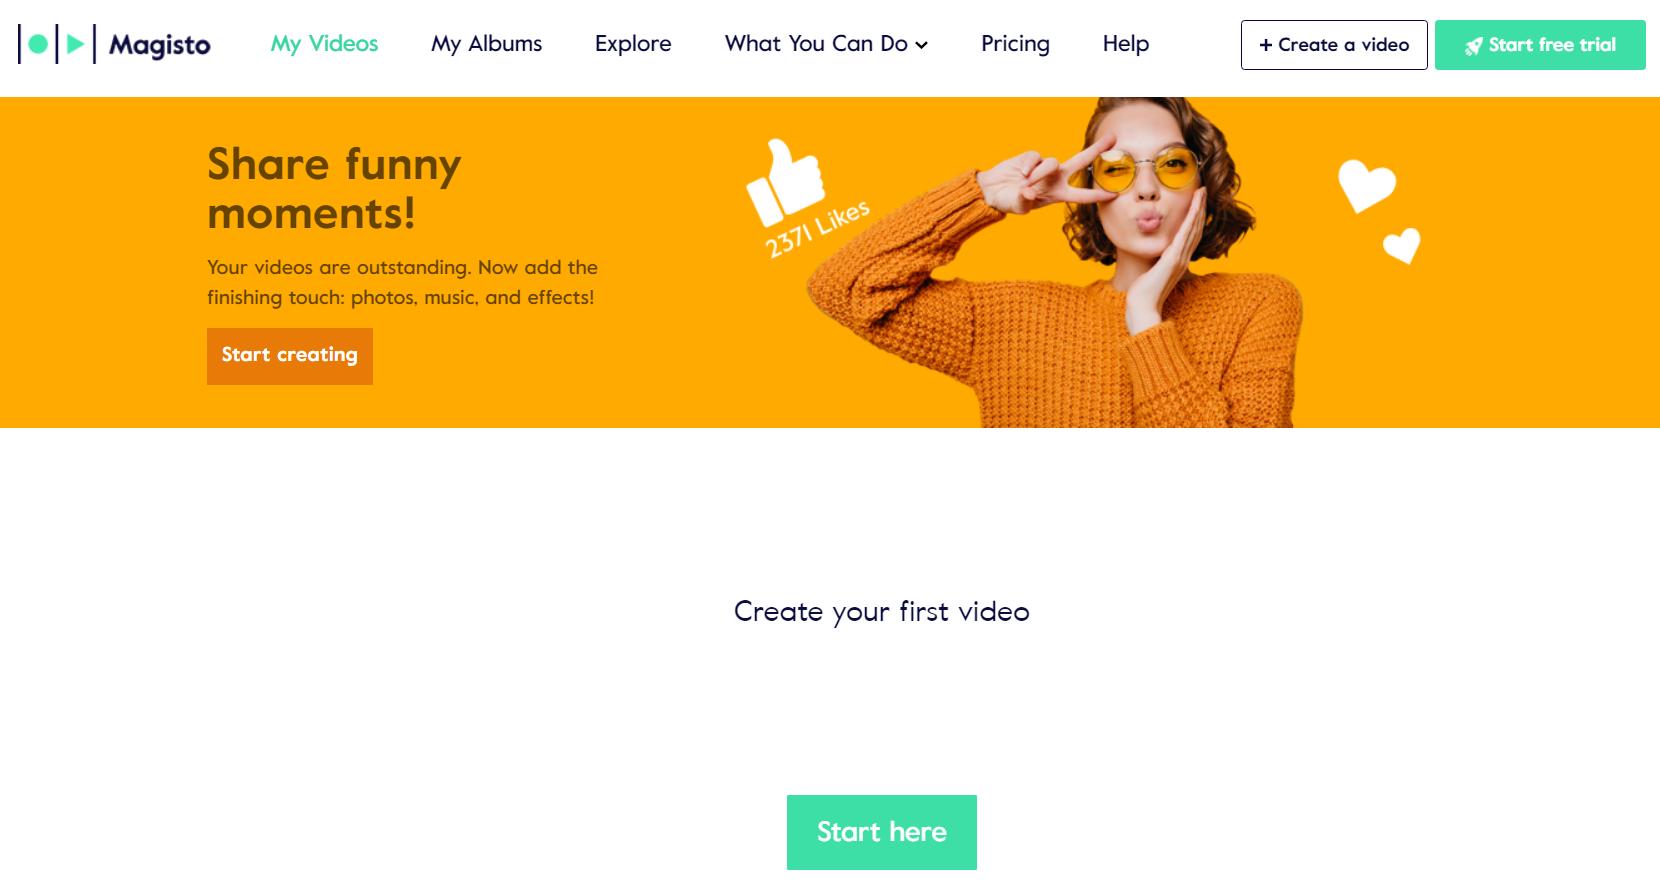 Captura de tela da página do Magisto que é um aplicativo utilizado para produzir vídeos online.